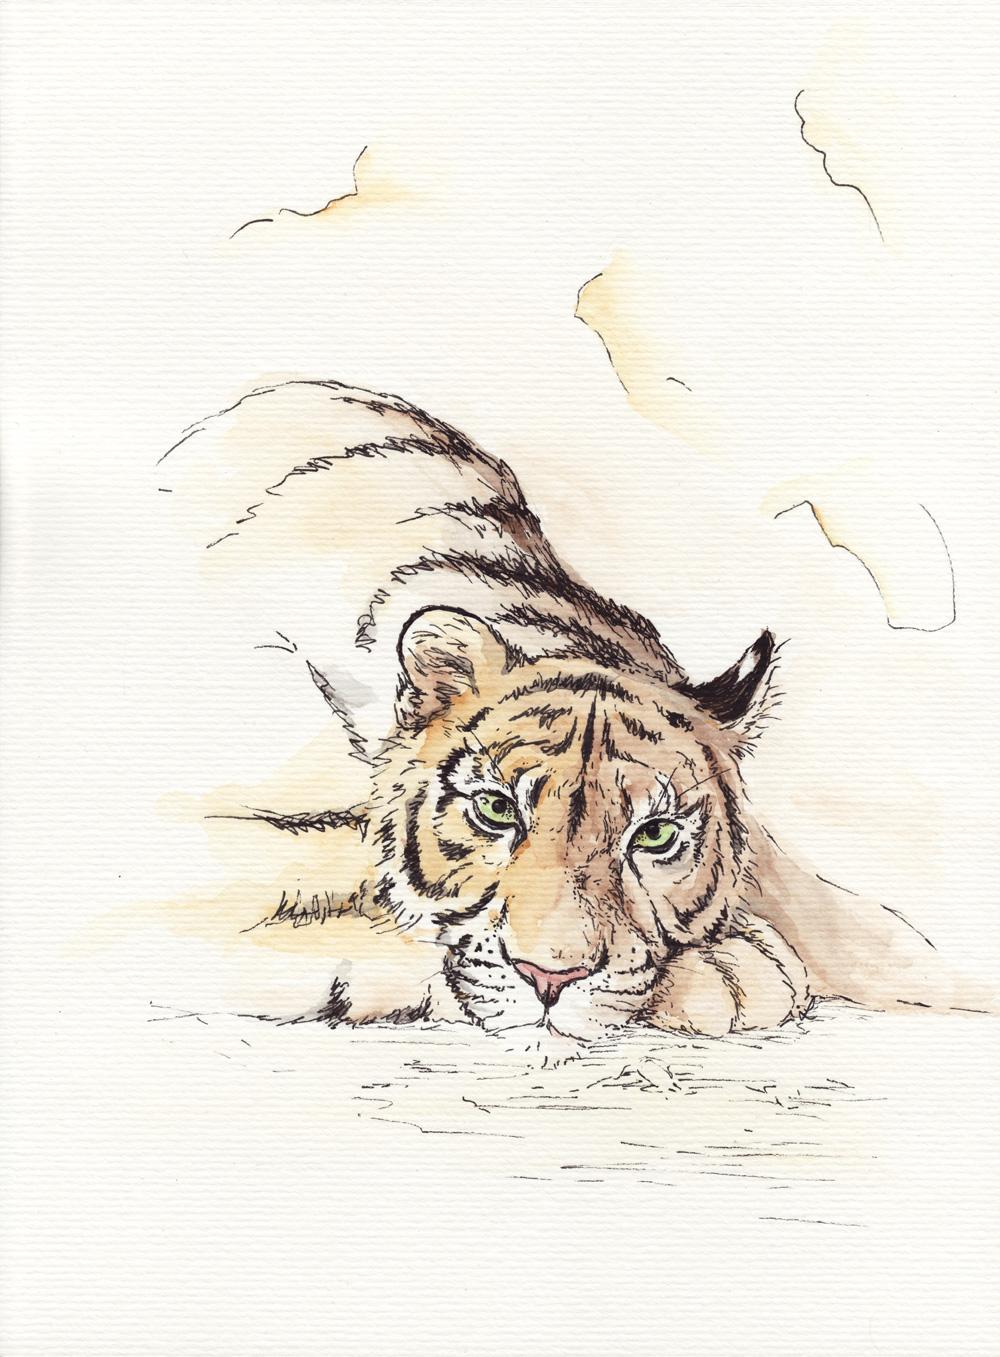 Sehr sachte mit Aquarellfarbe coloriert – Der müde Tiger.